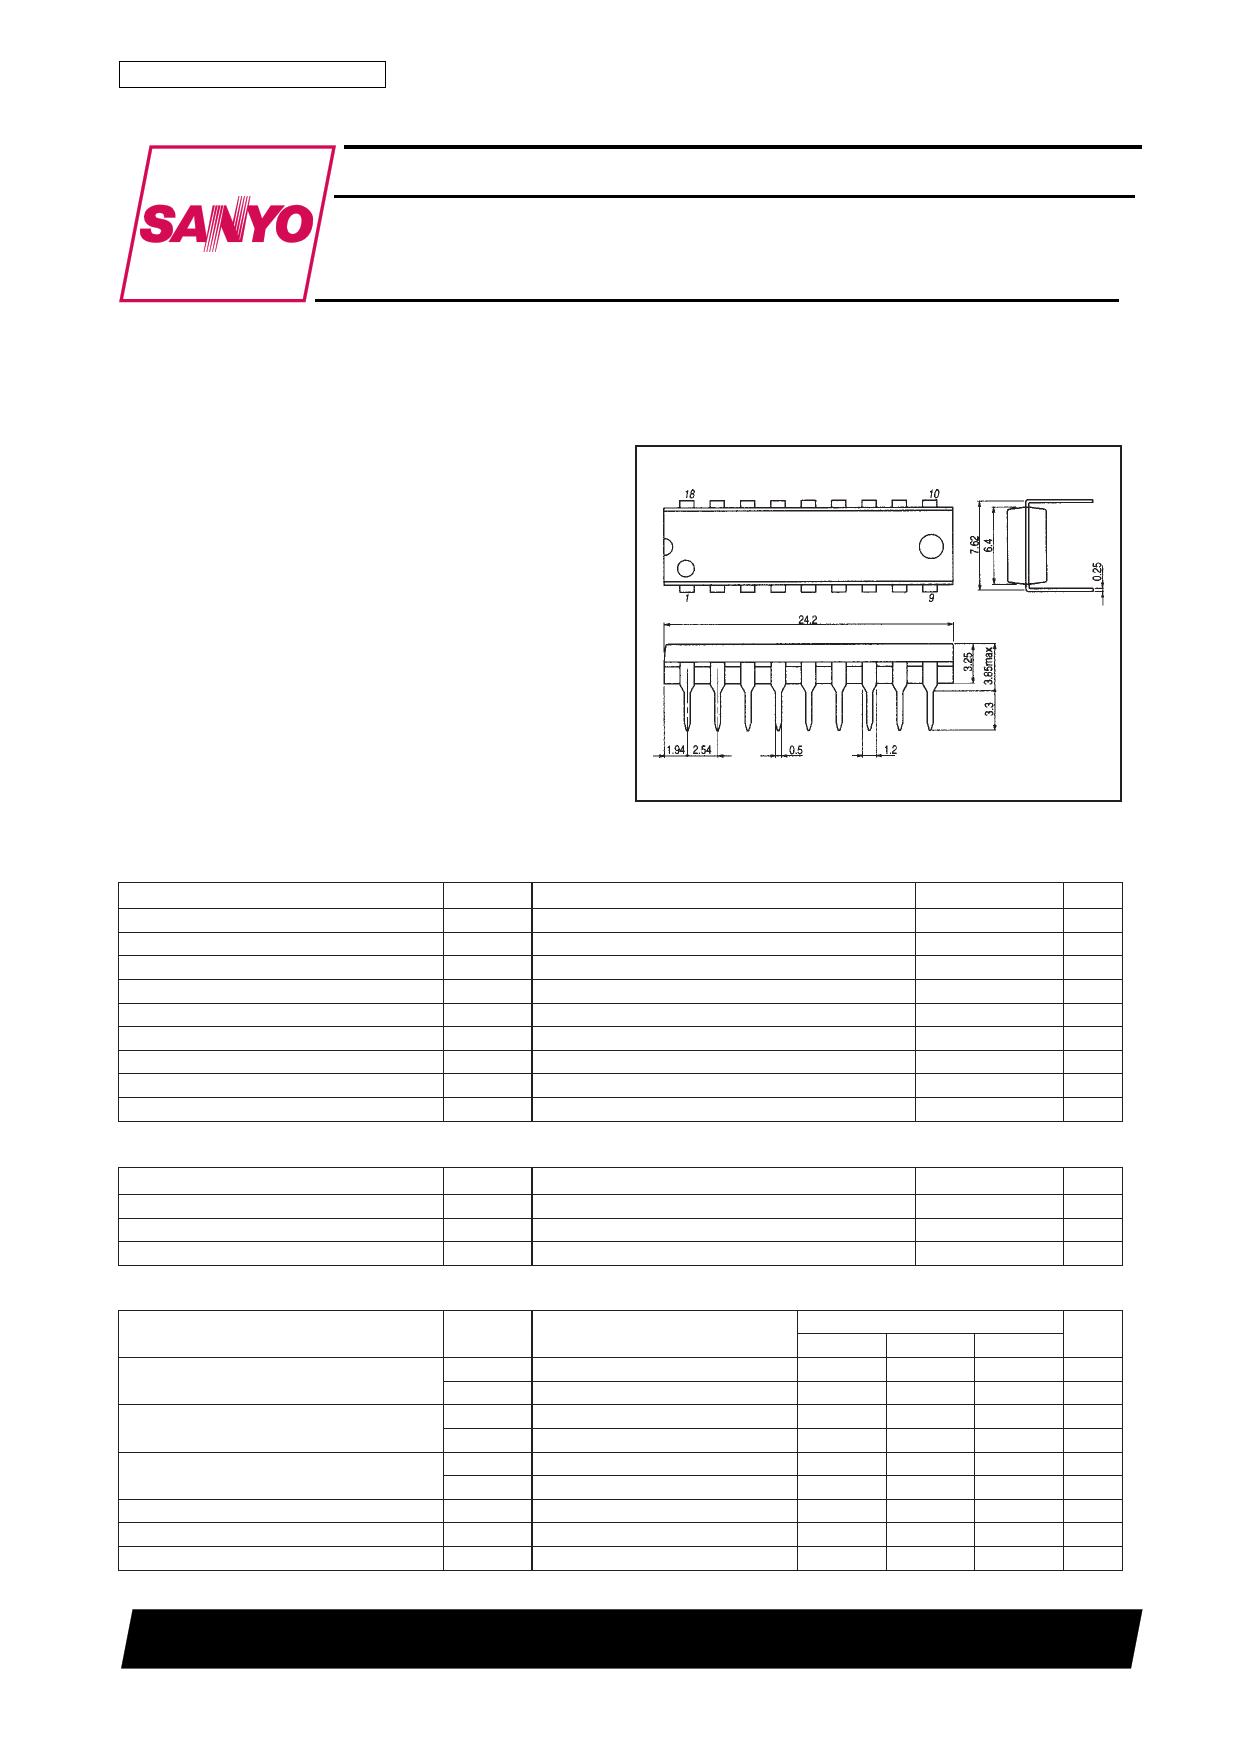 LB1740 datasheet